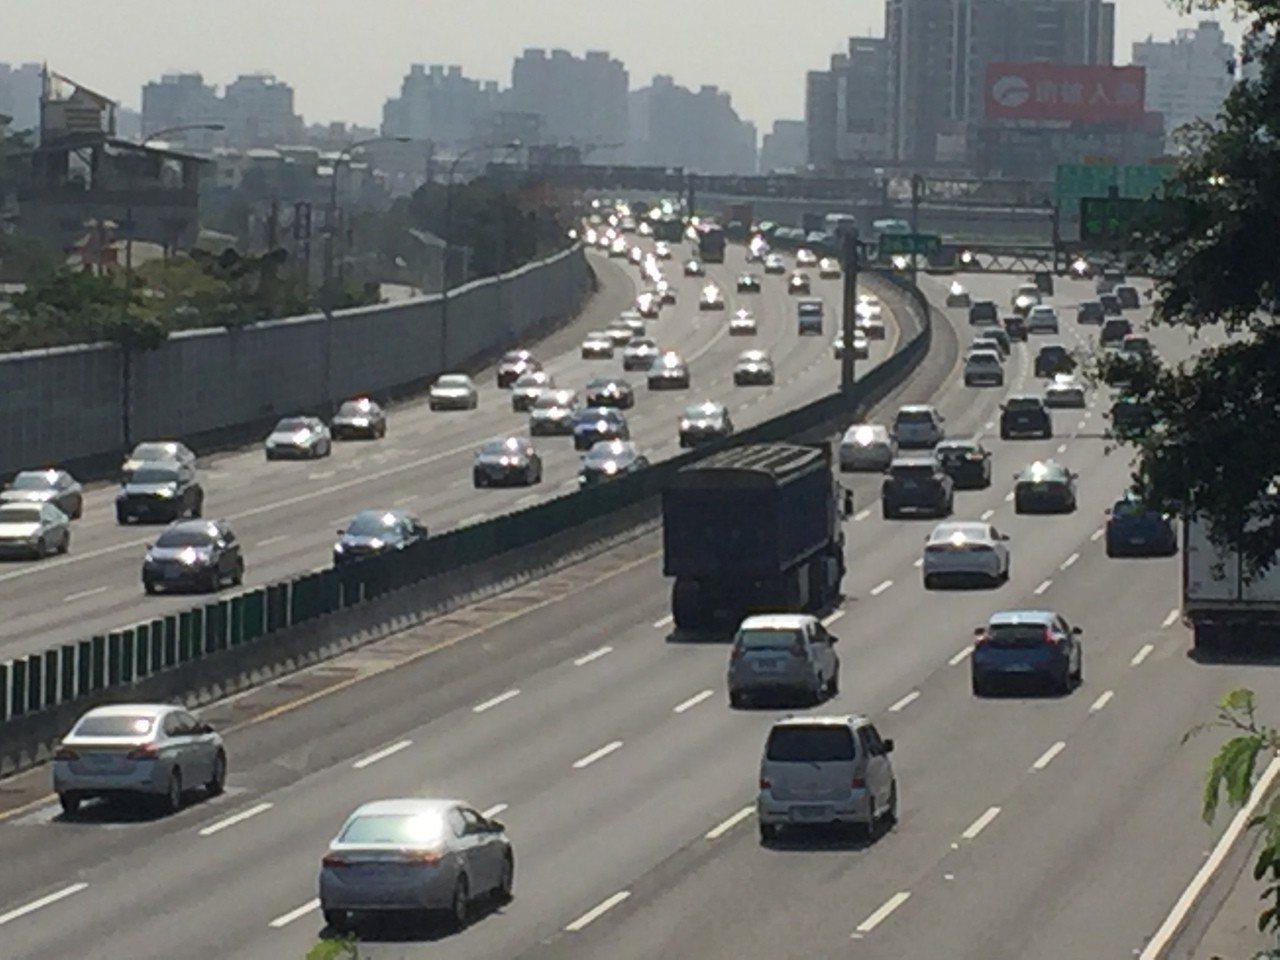 中山高速公路高雄市區段上午現北上車潮(左邊車道),車行還算順暢。記者楊濡嘉/攝影